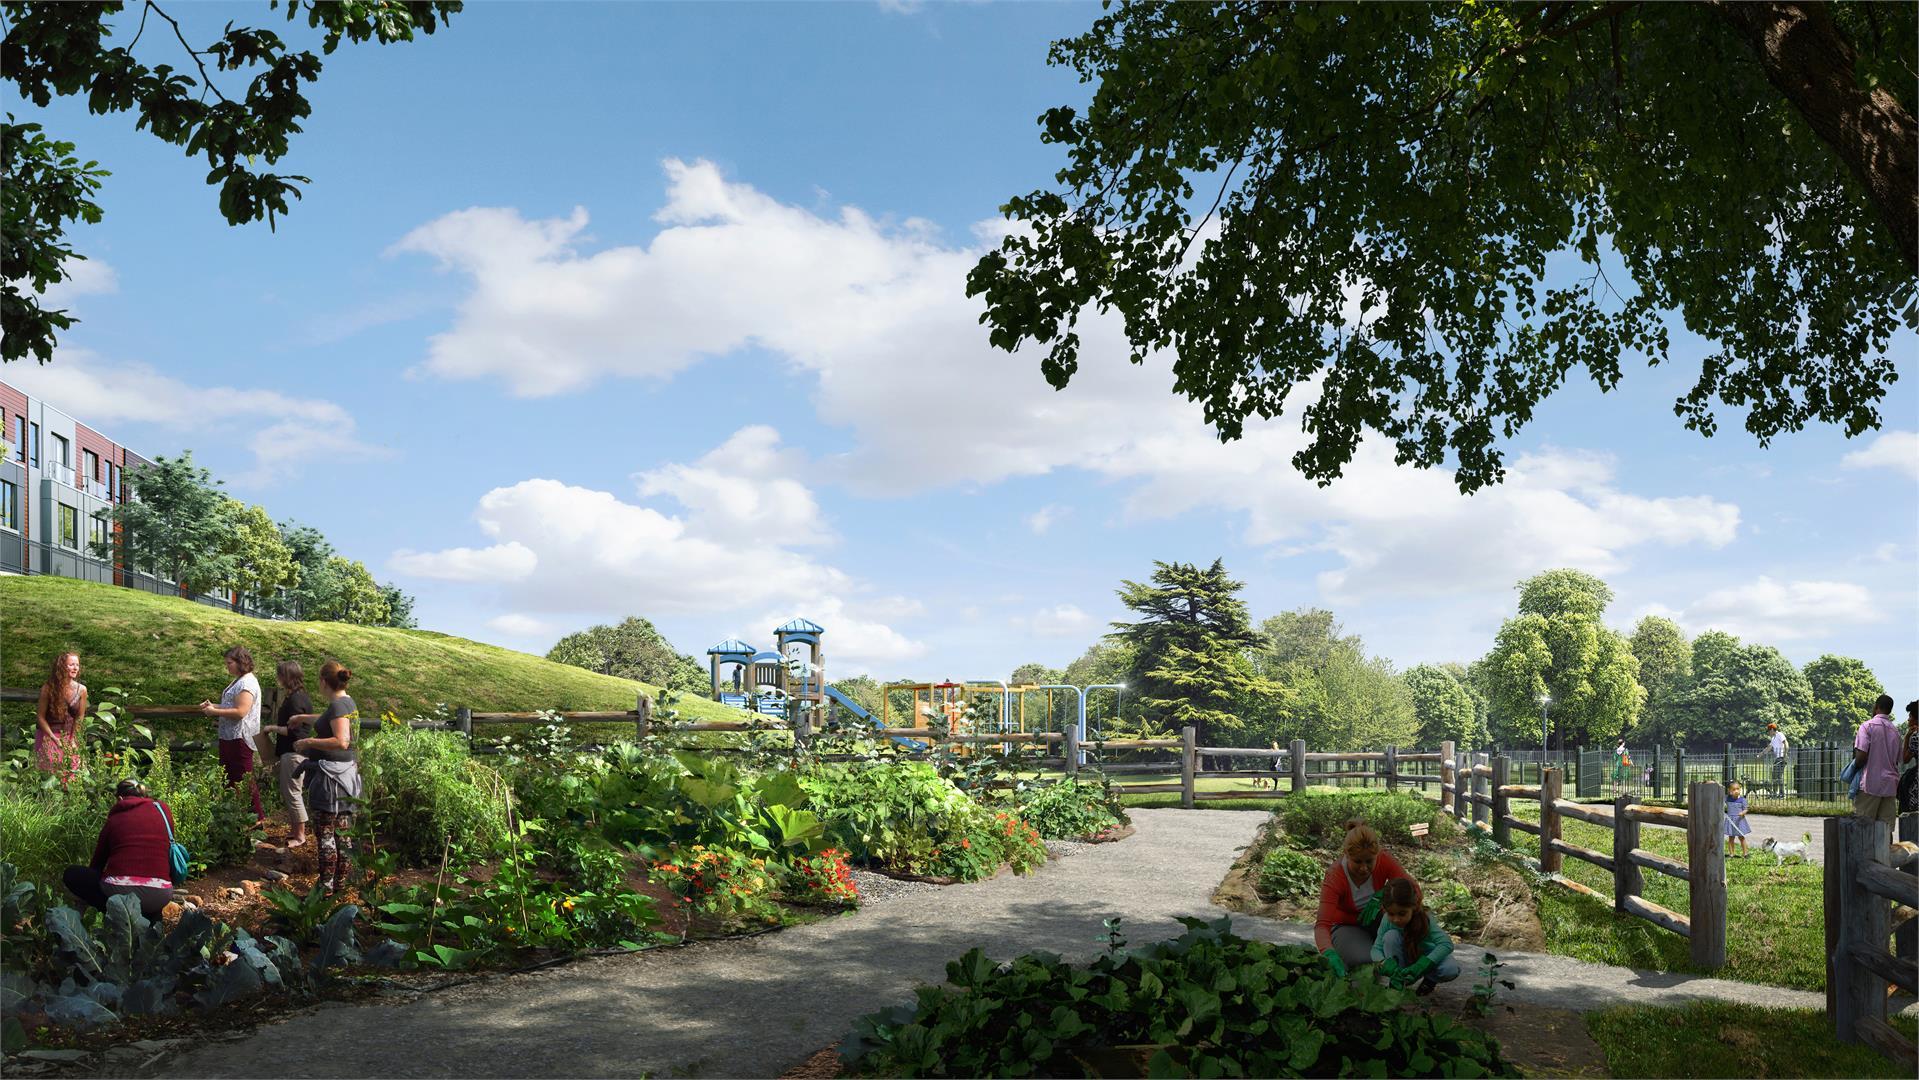 IronwoodinNorthOshawa_Garden